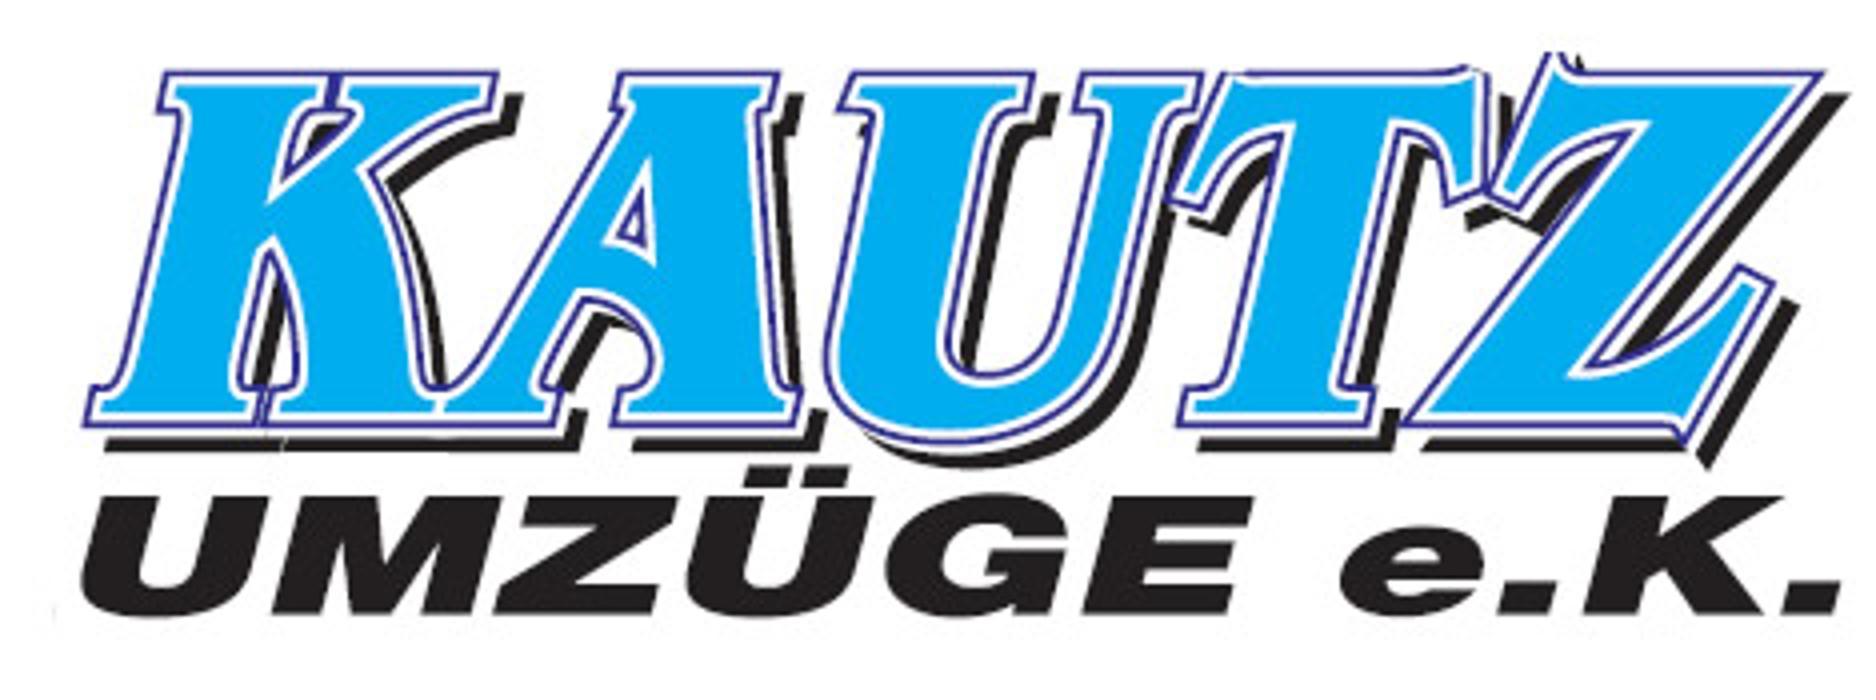 Bild zu Kautz Umzuege e.k in Köln